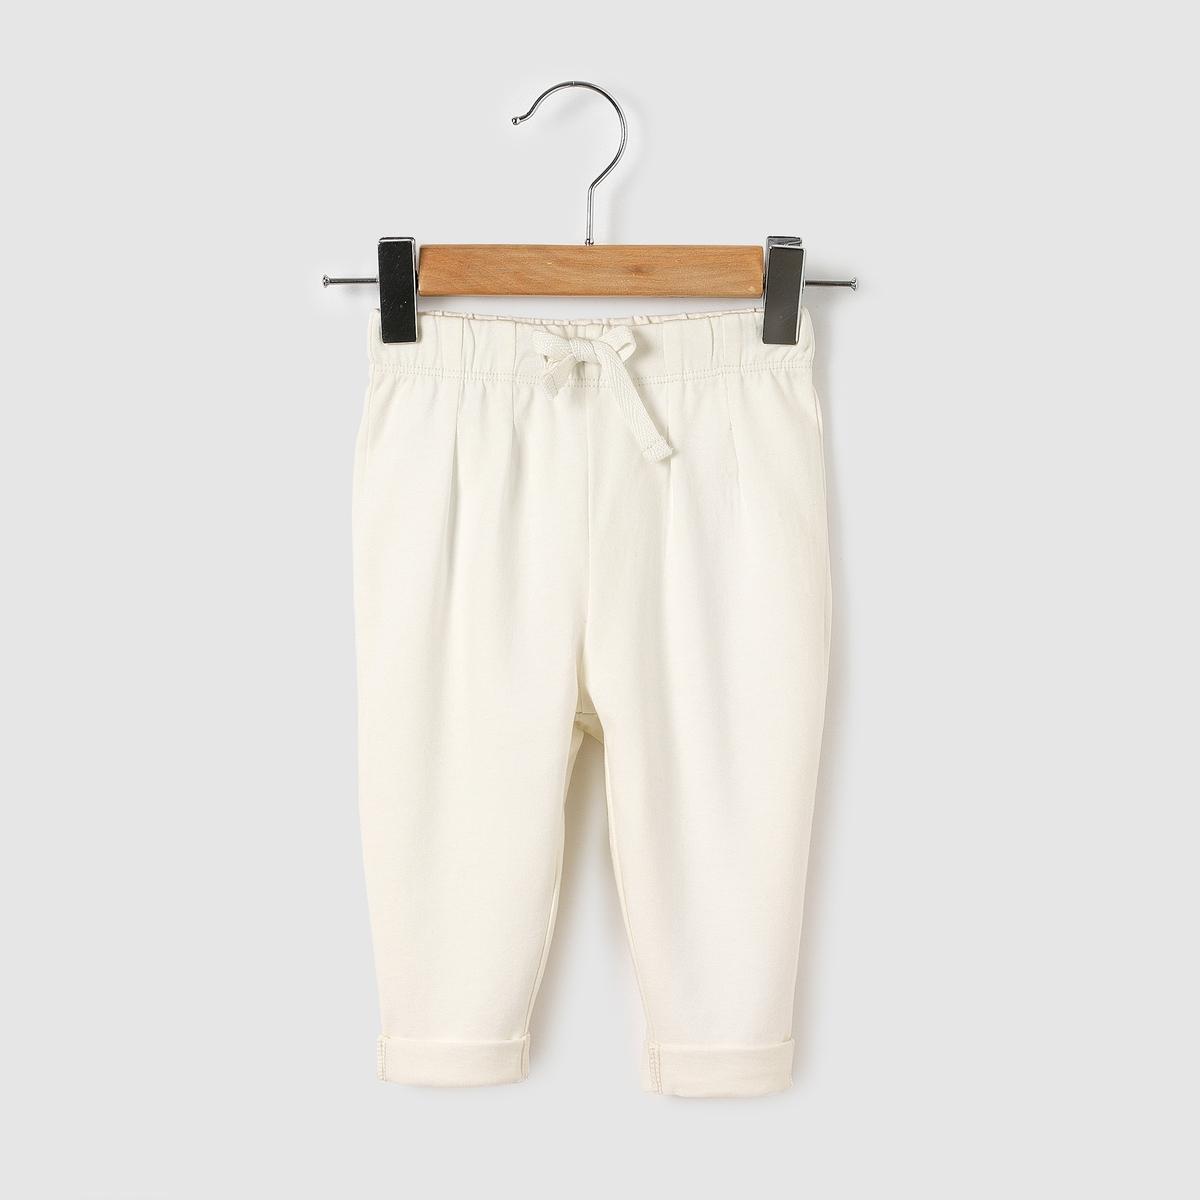 Брюки спортивные из хлопка, 0 мес. - 3 годаСпортивные брюки из джерси. Эластичный пояс, складки спереди и сзади, на завязках. Низ брючин с отворотами. Состав и описание :Материал       80% хлопка, 20% полиэстераМарка       R ?ditionУход :Стирать и гладить с изнаночной стороныМашинная стирка при 40 °C с вещами схожих цветовМашинная сушка в умеренном режимеГладить при средней температуре<br><br>Цвет: серый меланж,экрю<br>Размер: 6 мес. - 67 см.2 года - 86 см